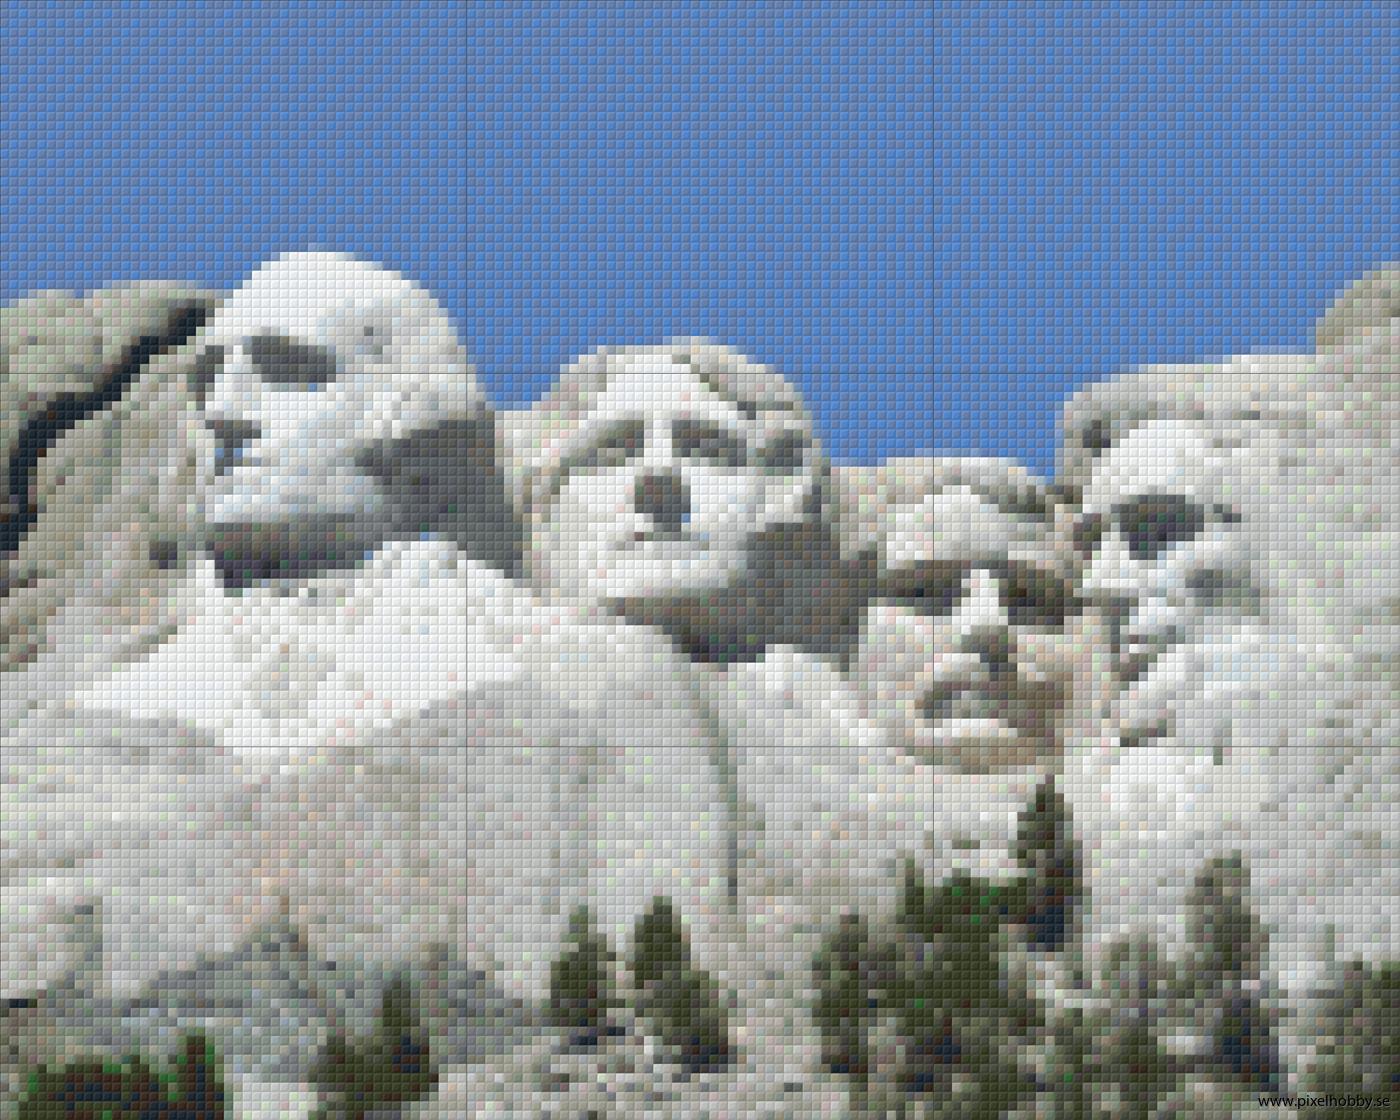 Mount Rushmore 9rbp